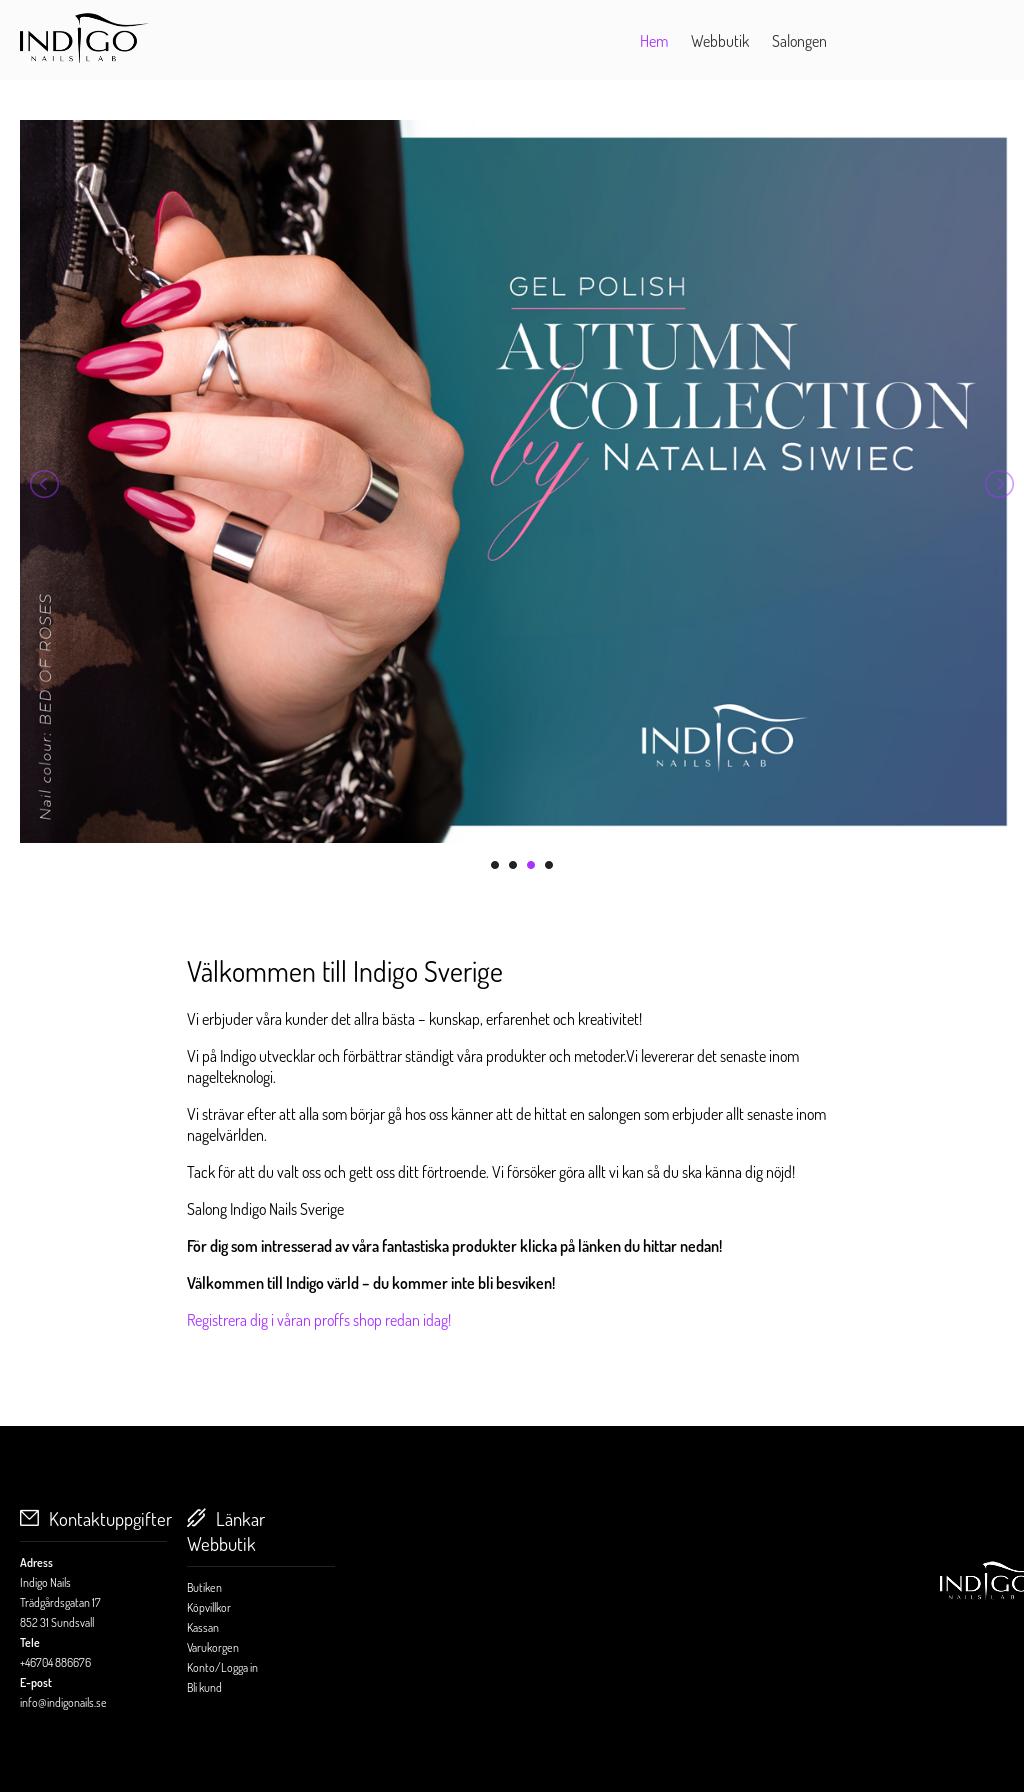 indigo nails sundsvall